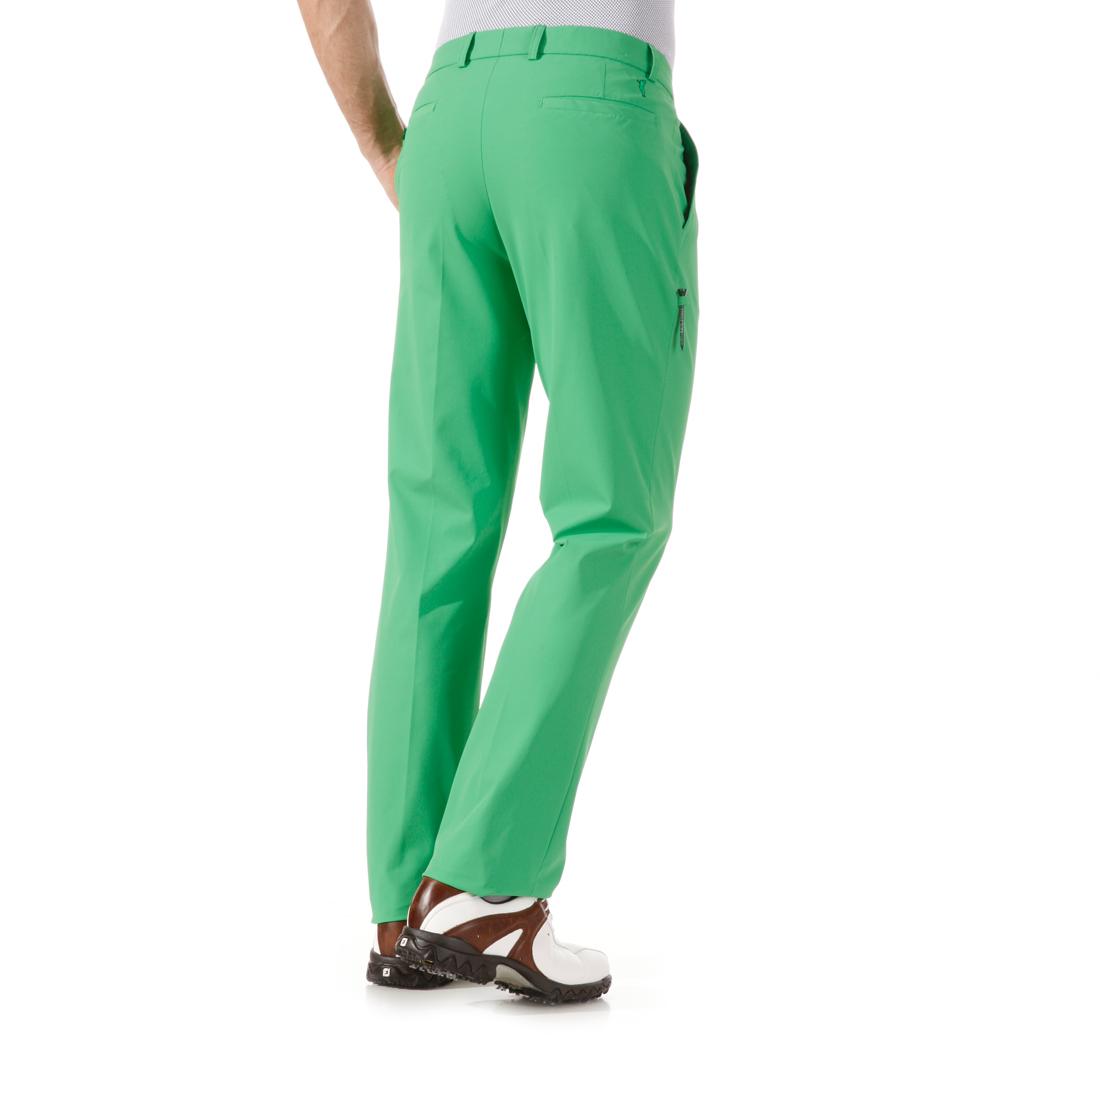 4-Way Stretch Hose